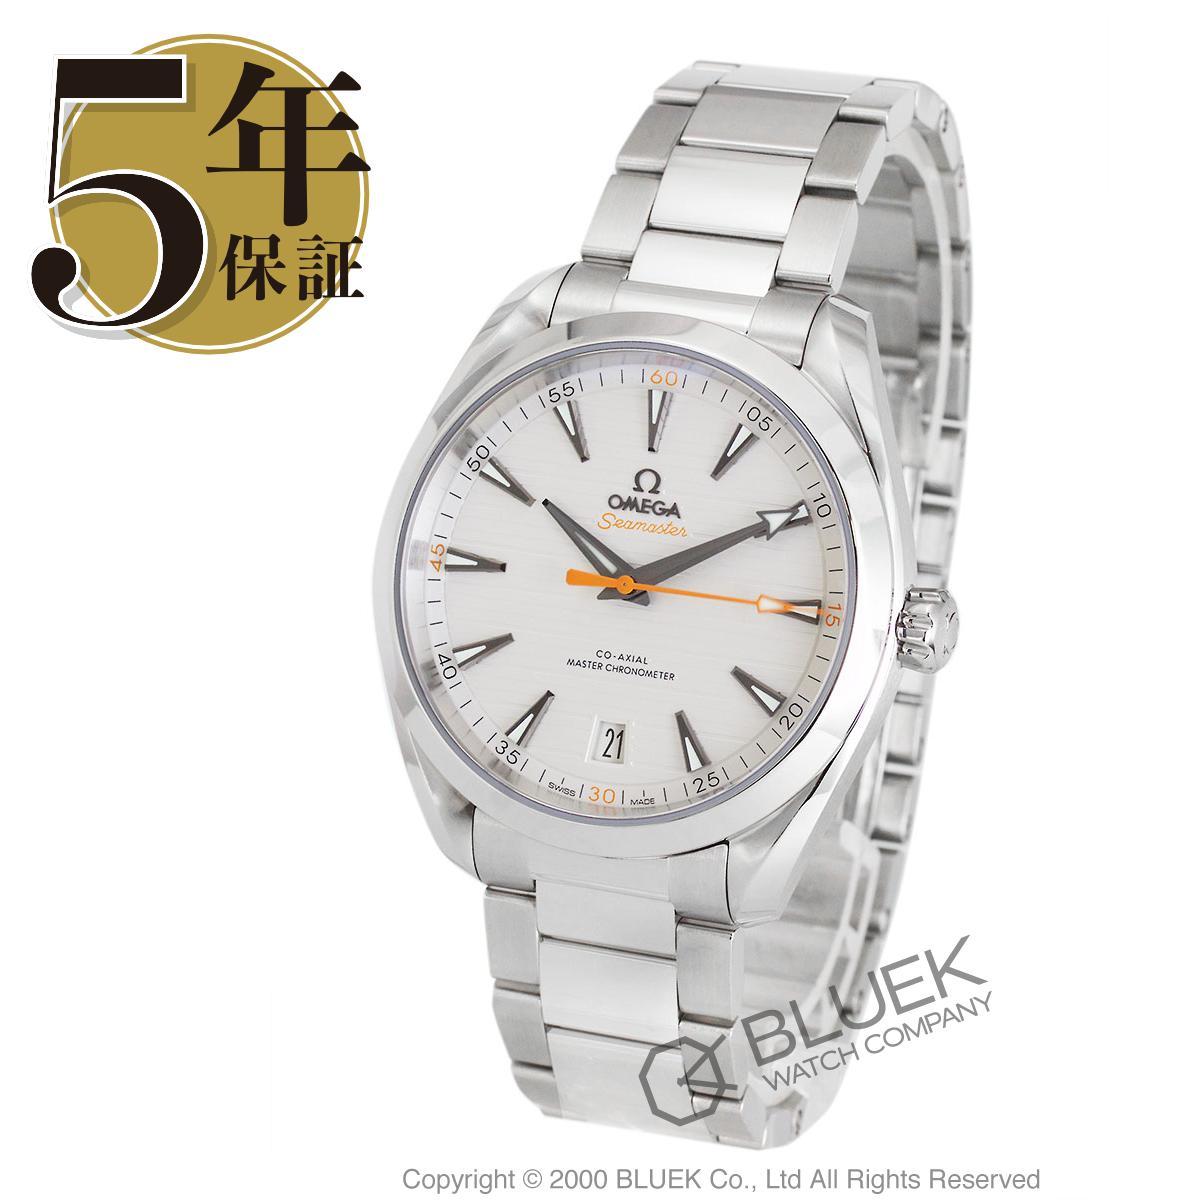 オメガ シーマスター アクアテラ マスタークロノメーター 腕時計 メンズ OMEGA 220.10.41.21.02.001_5